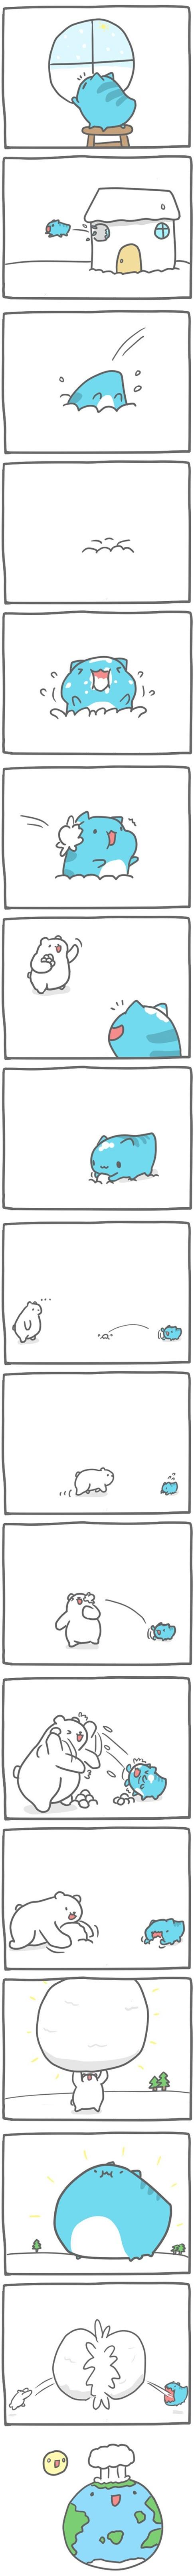 Truyện Mìn Lèo #87: Chơi ném tuyết